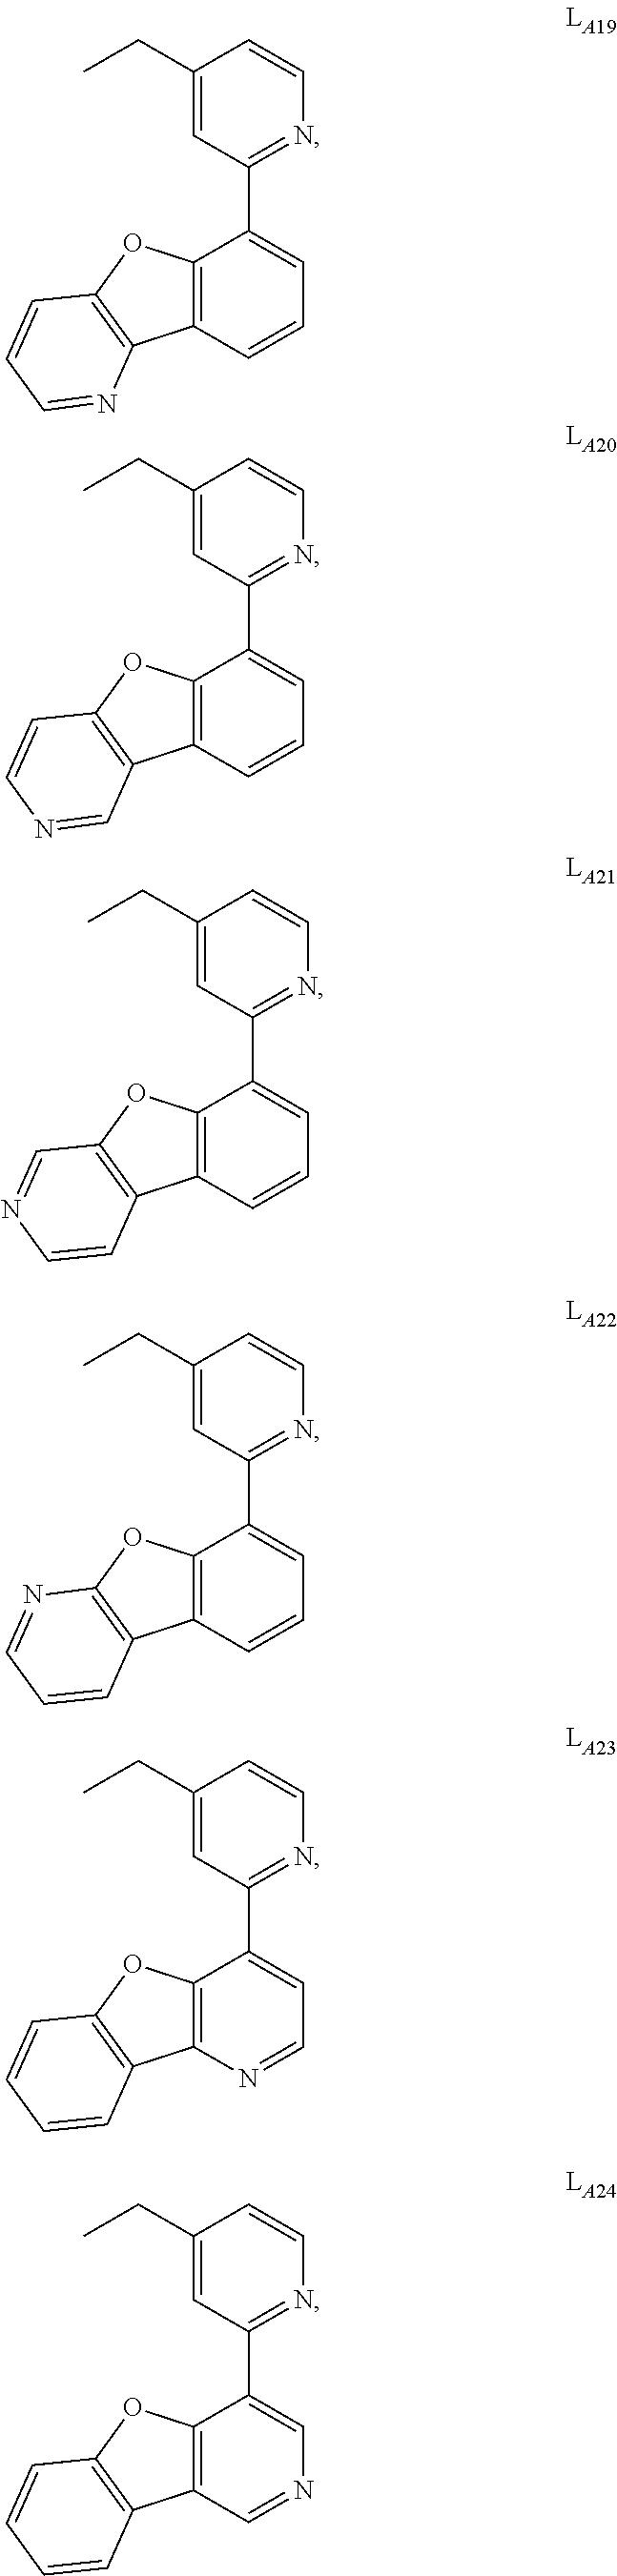 Figure US09634264-20170425-C00008